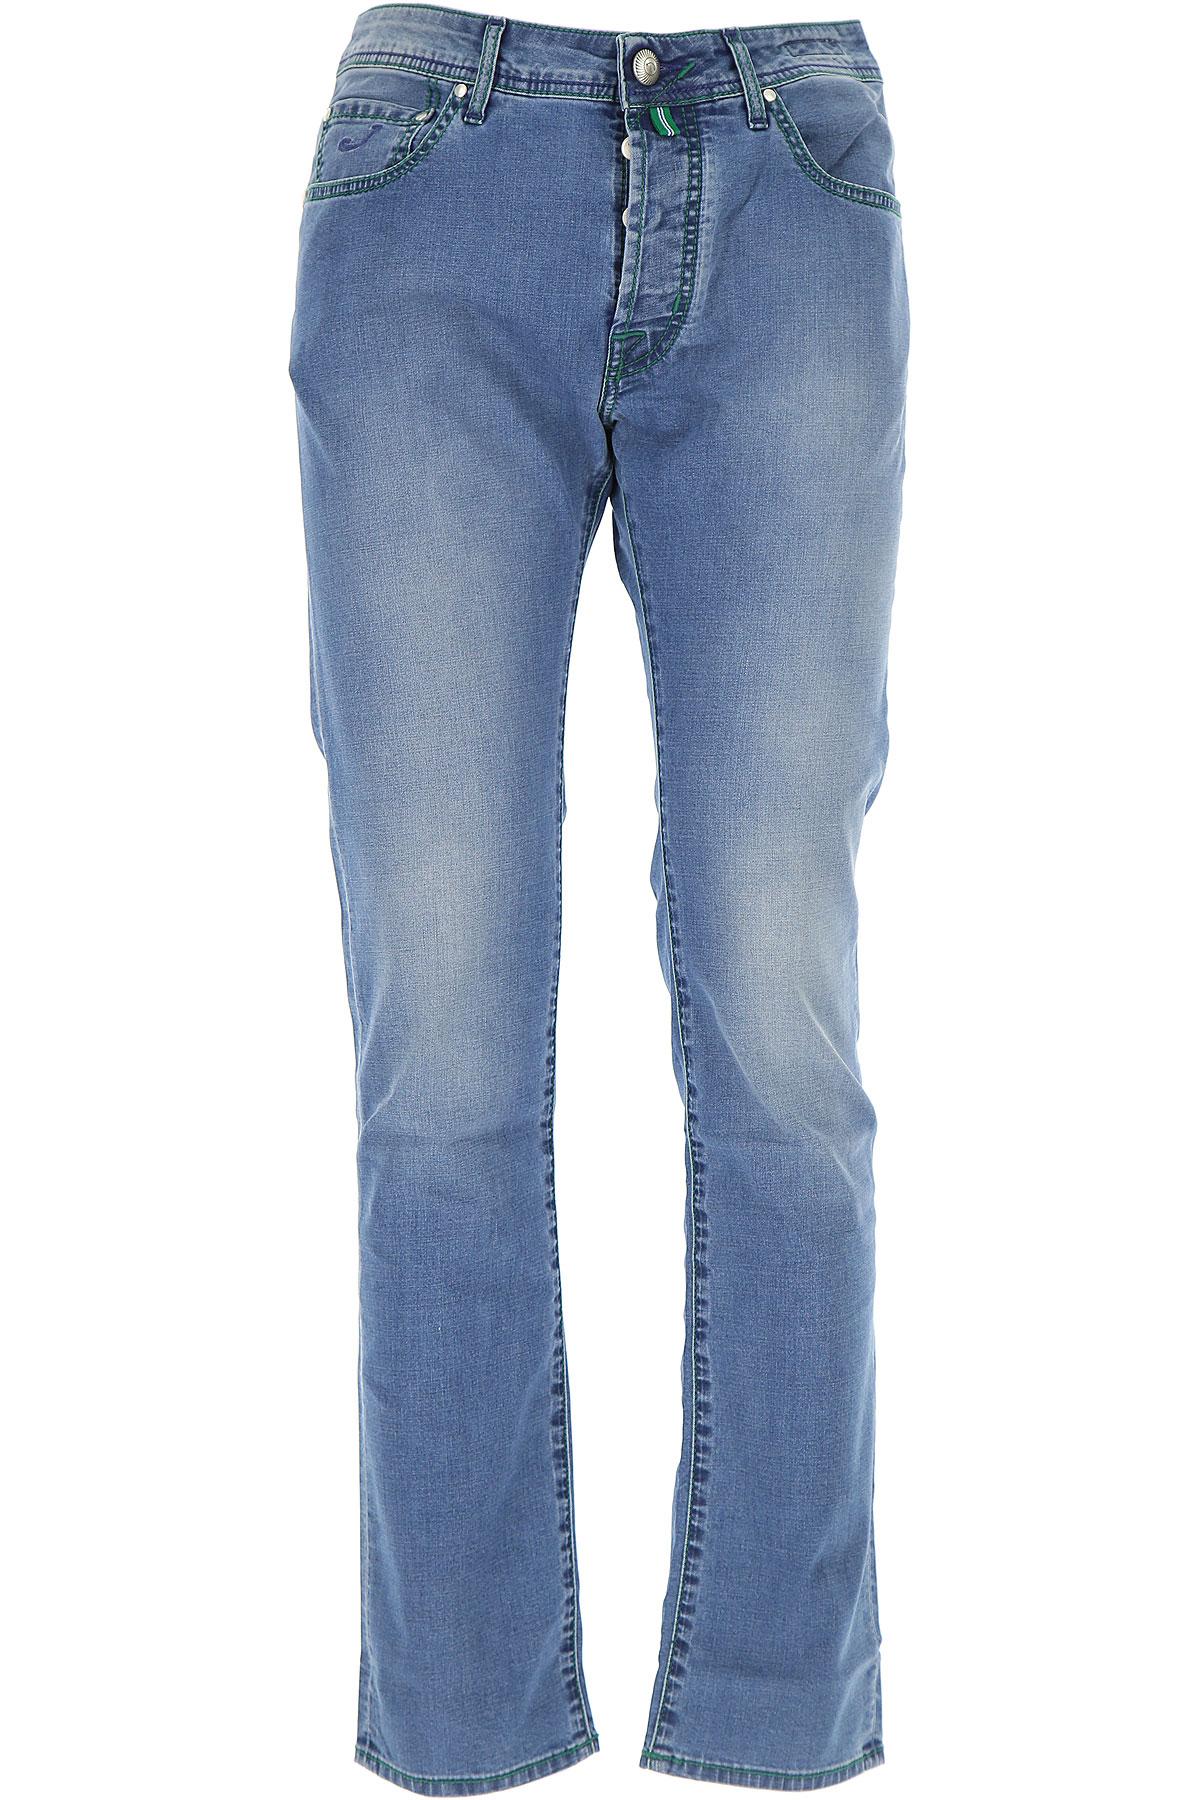 Jeans On Sale, Denim, Cotton, 2017, US 36 - EU 52 US 32 - EU 48 US 33 - EU 49 Jacob Cohen